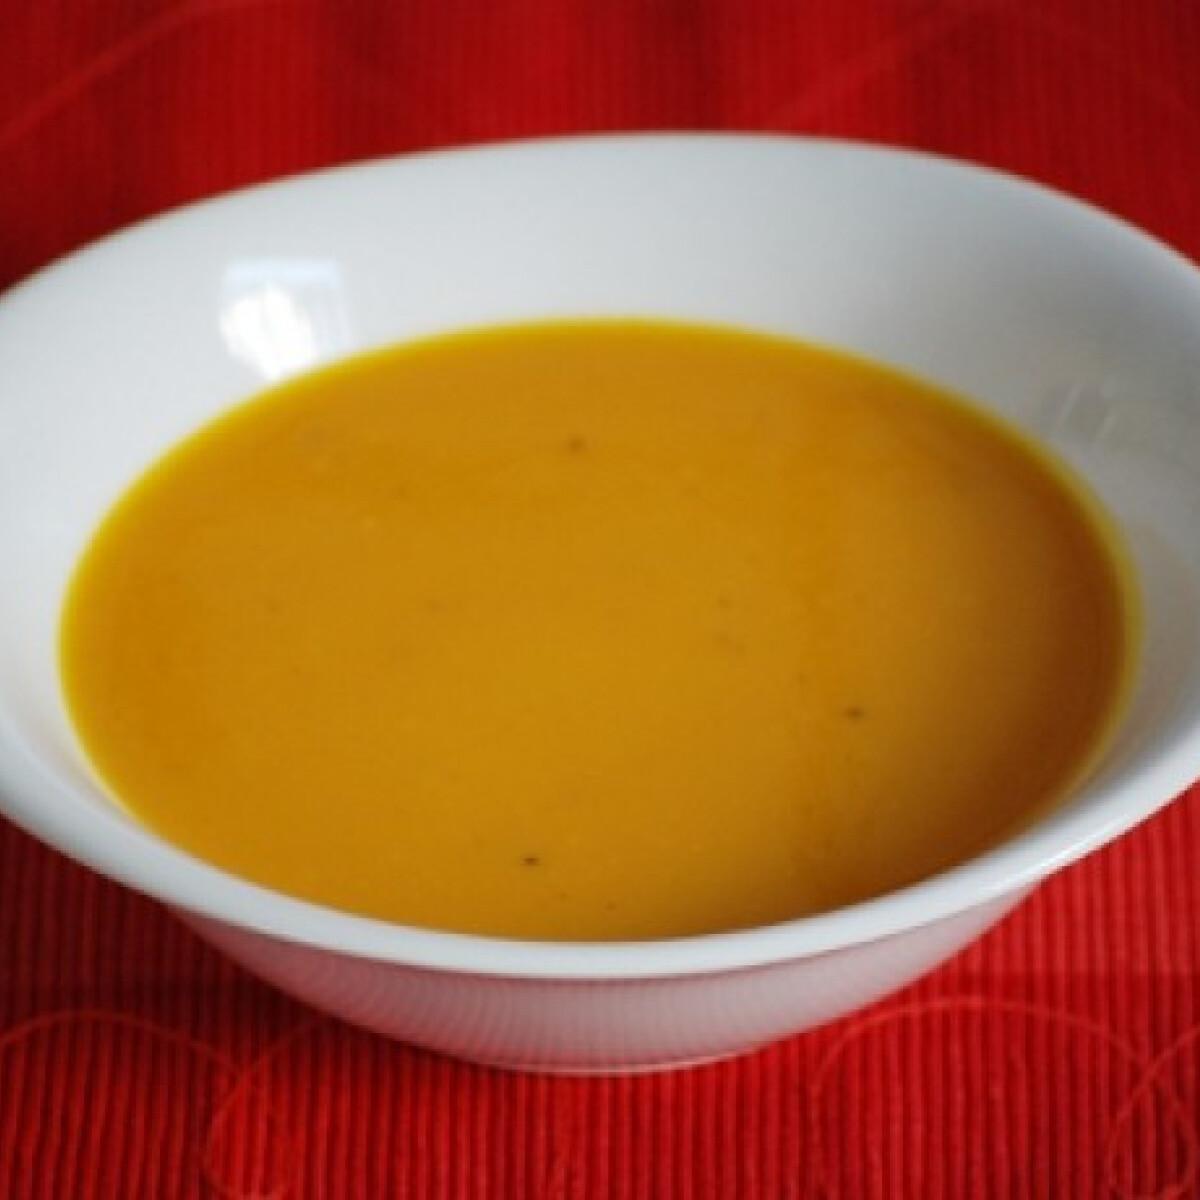 Ezen a képen: Sütőtökkrémleves sárgarépával